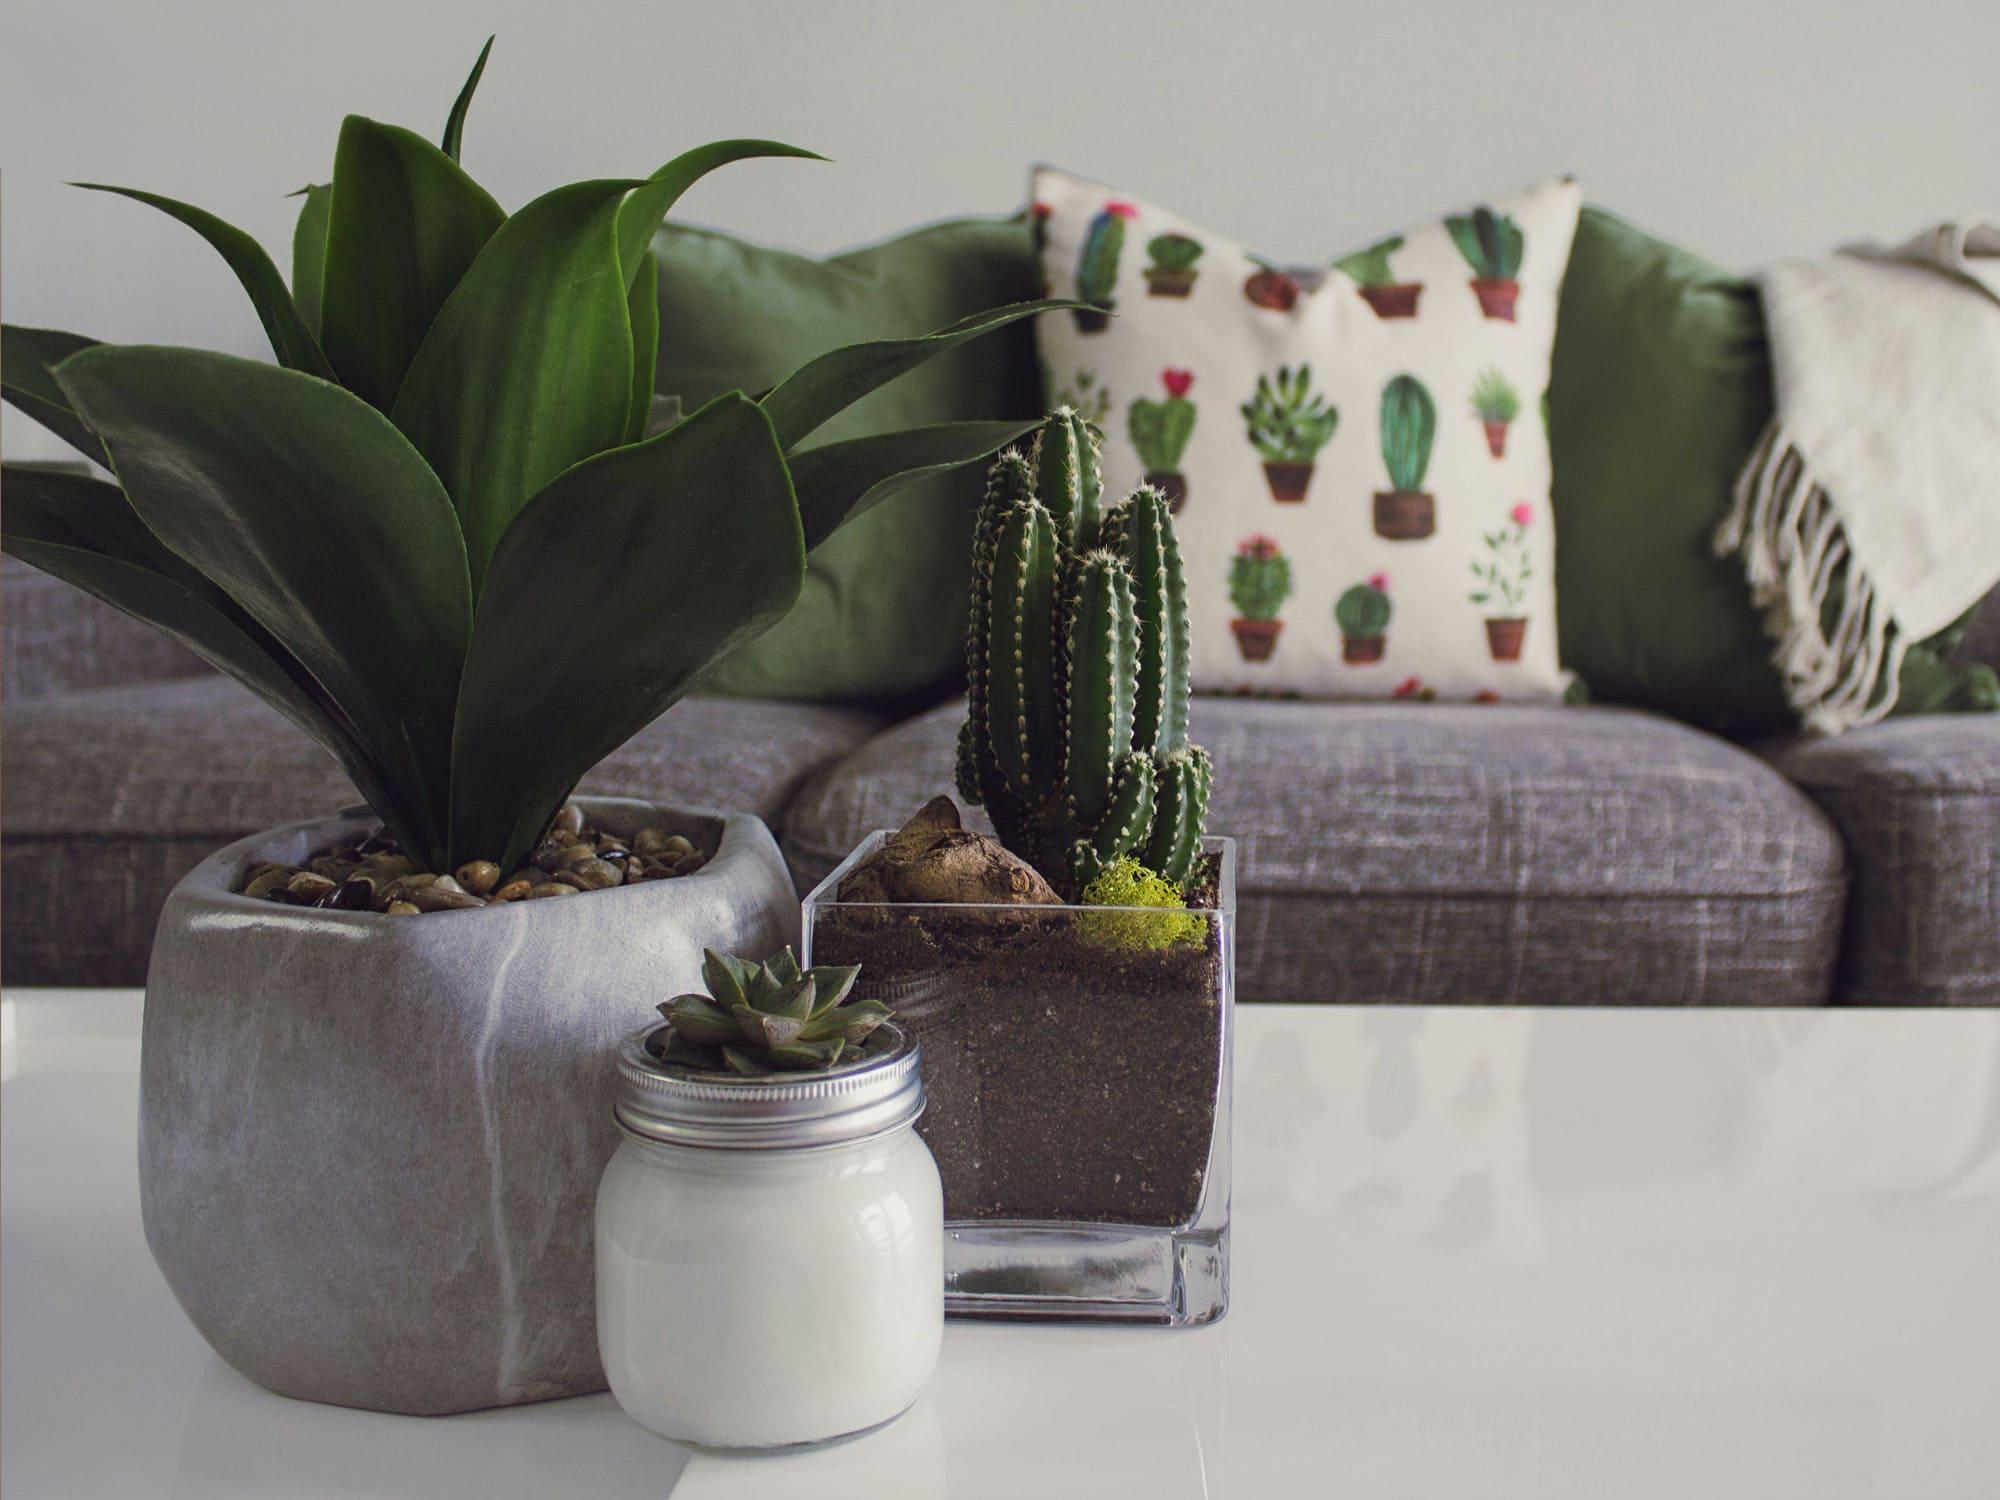 Luxuriöses_Design_exklusive_Farben_Materialien_Kaktee